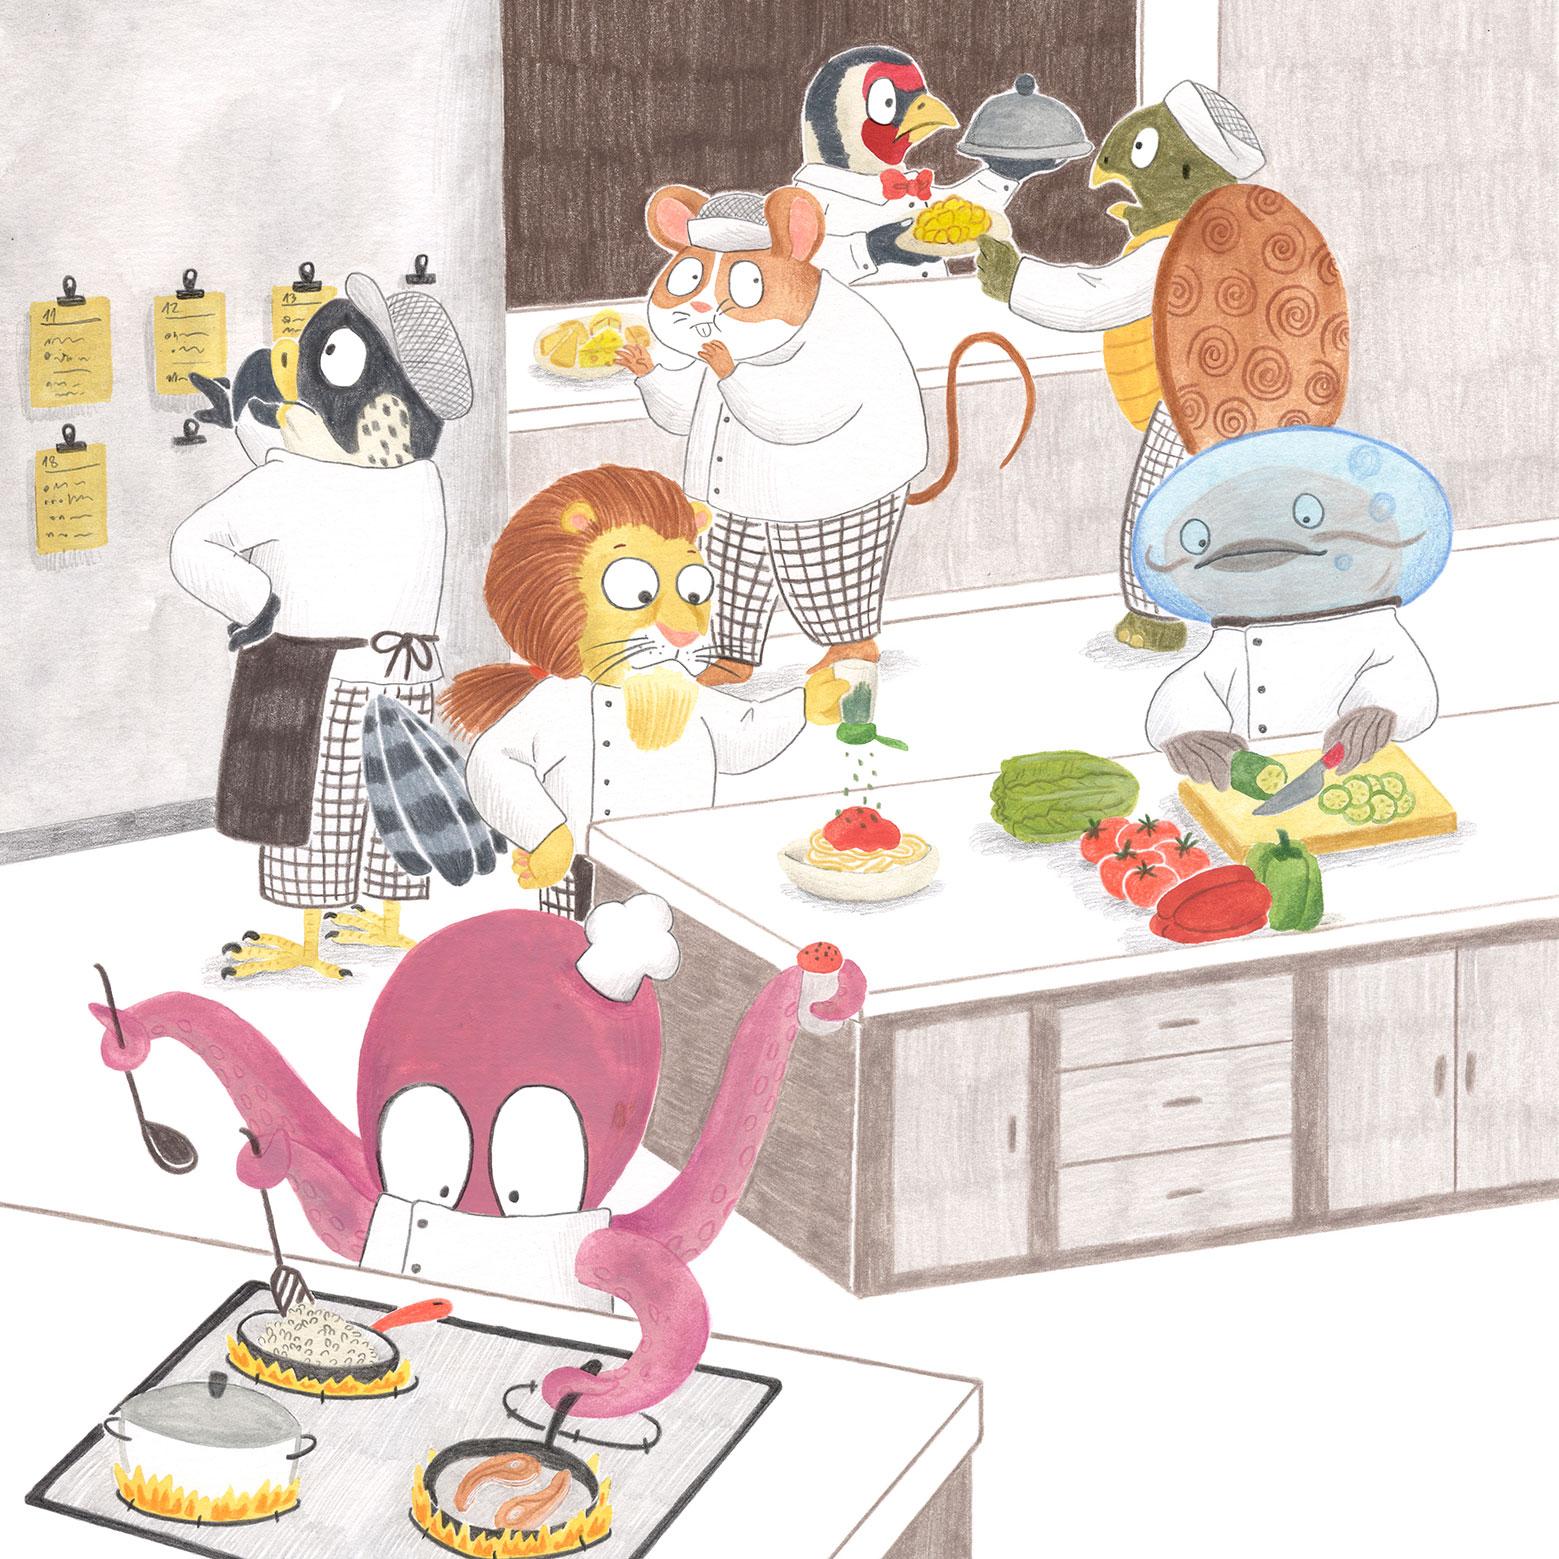 ilustracion infantil, album ilustrado, ilustracion para niños, ilustracion de animales, dibujo para niños, ilustracion de restaurante, Mar Villar, cocina de restaurante,